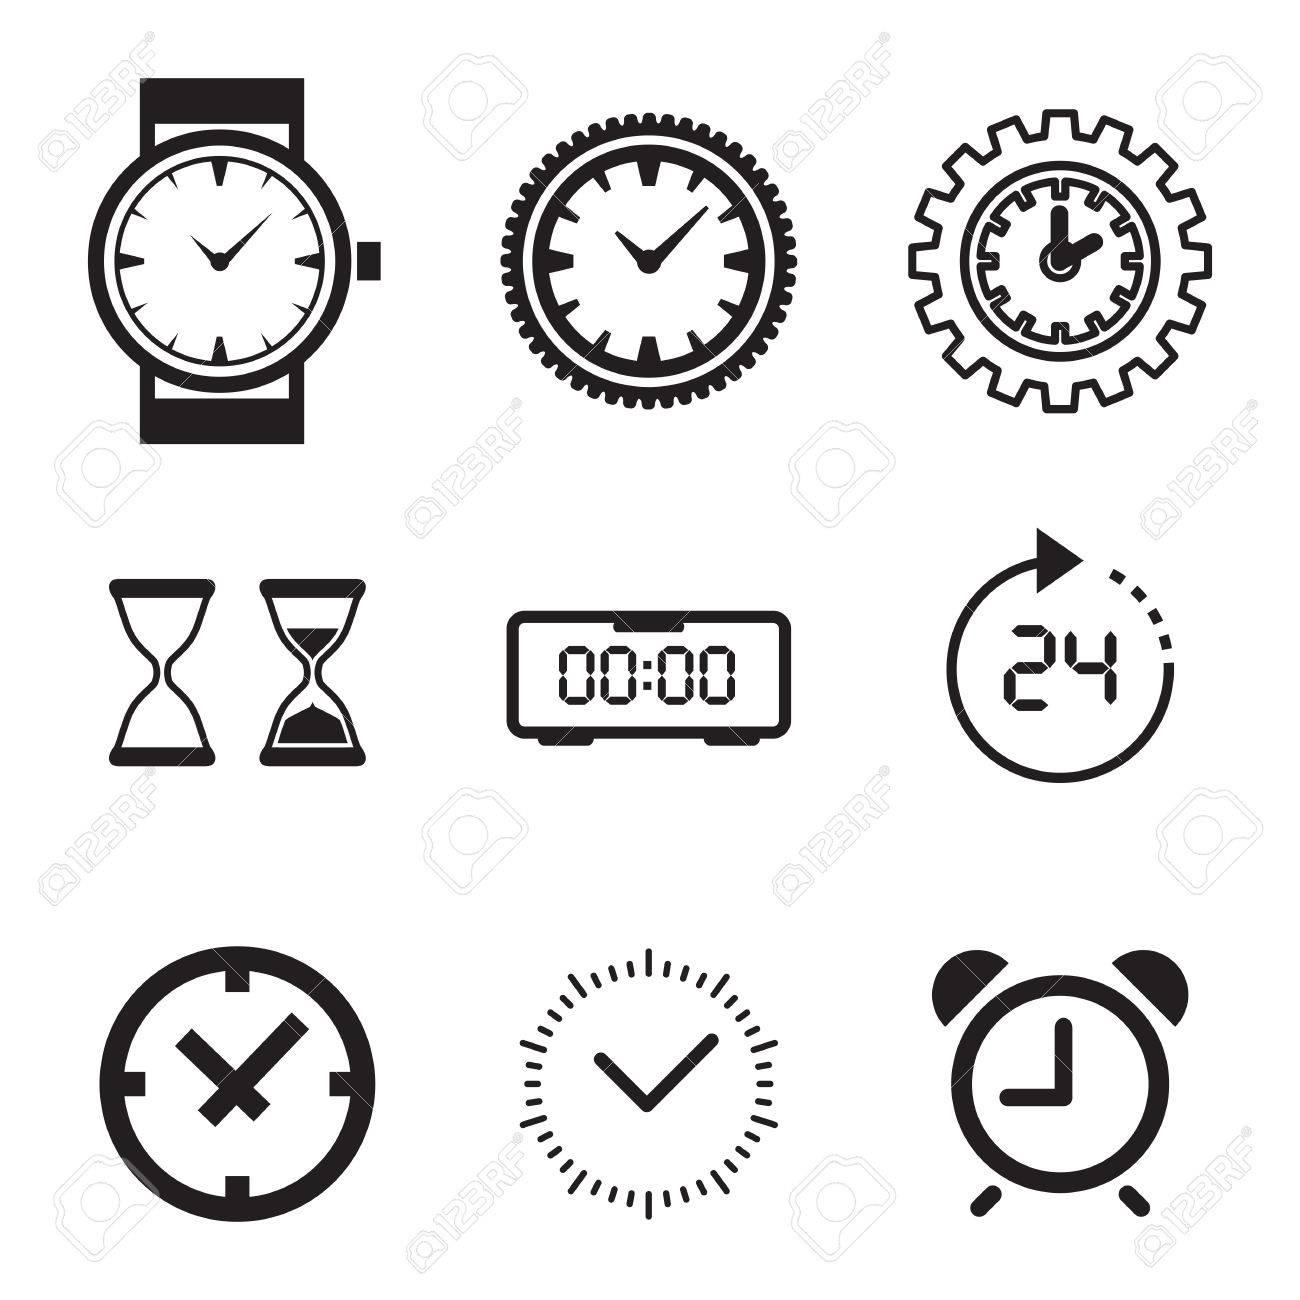 Icono De Reloj Aislado. Tiempo Logotipo, Plantilla, Pictograma ...